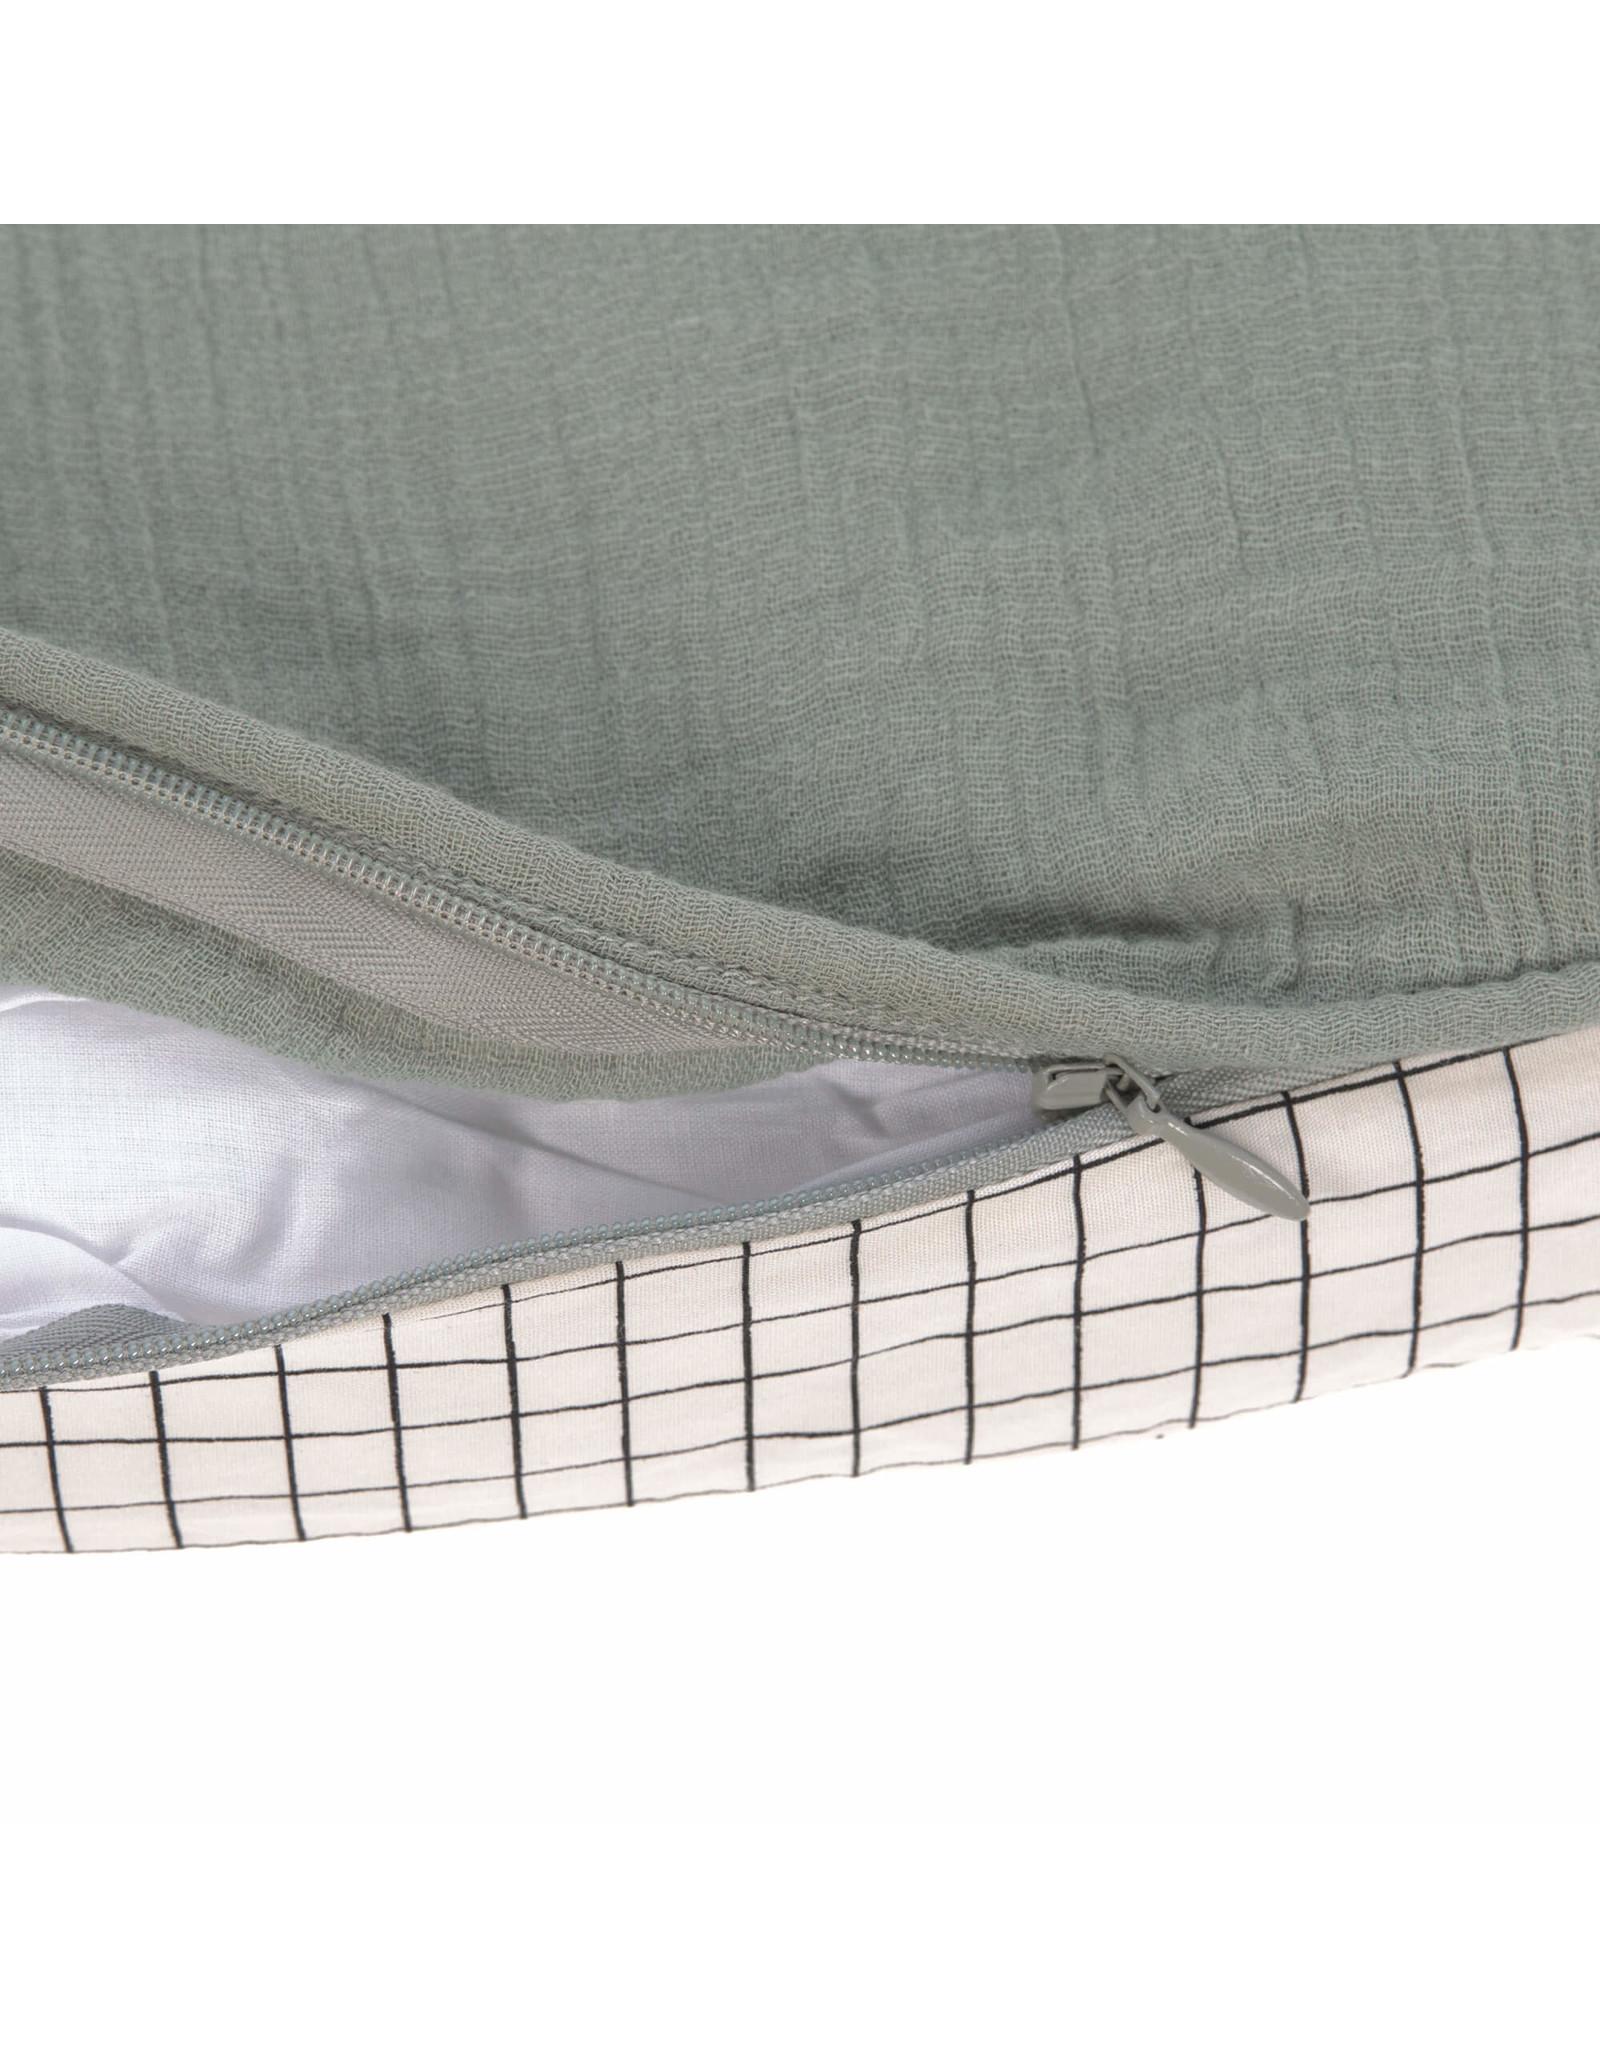 Lassig Lassig Seat Cushion Muslin ø 100 cm Green